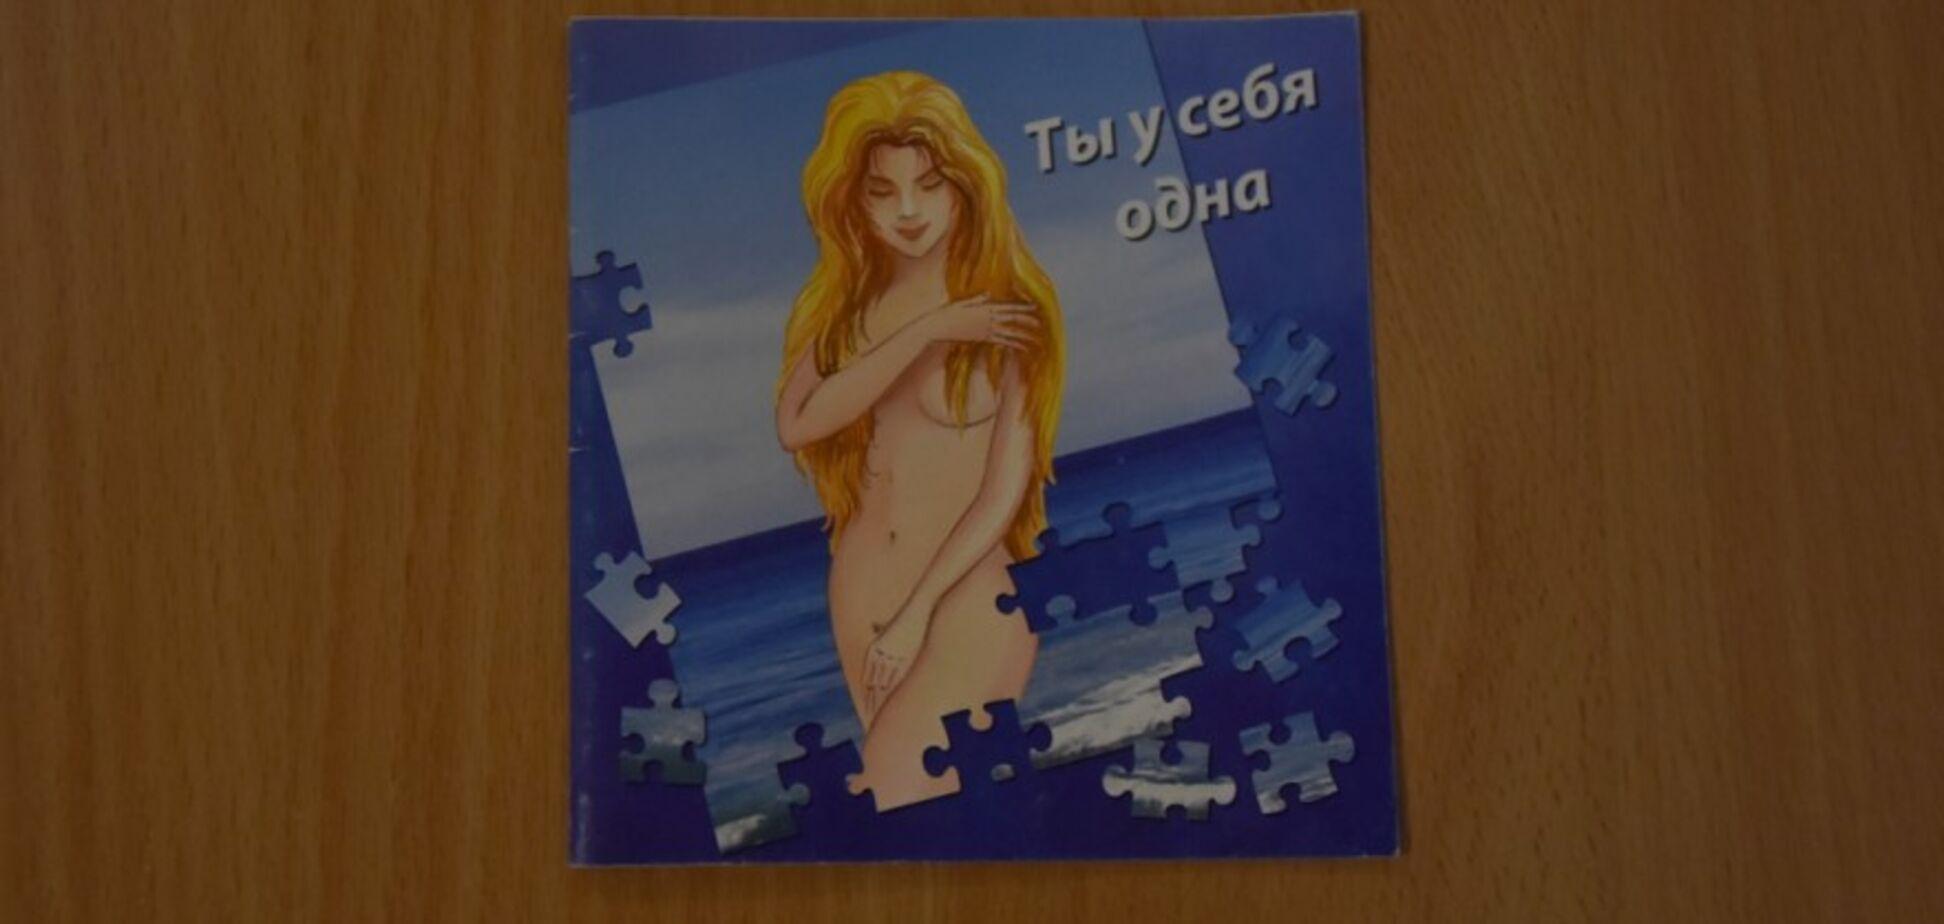 'Как безопасно заниматься проституцией': в украинской школе раздали странную брошюру